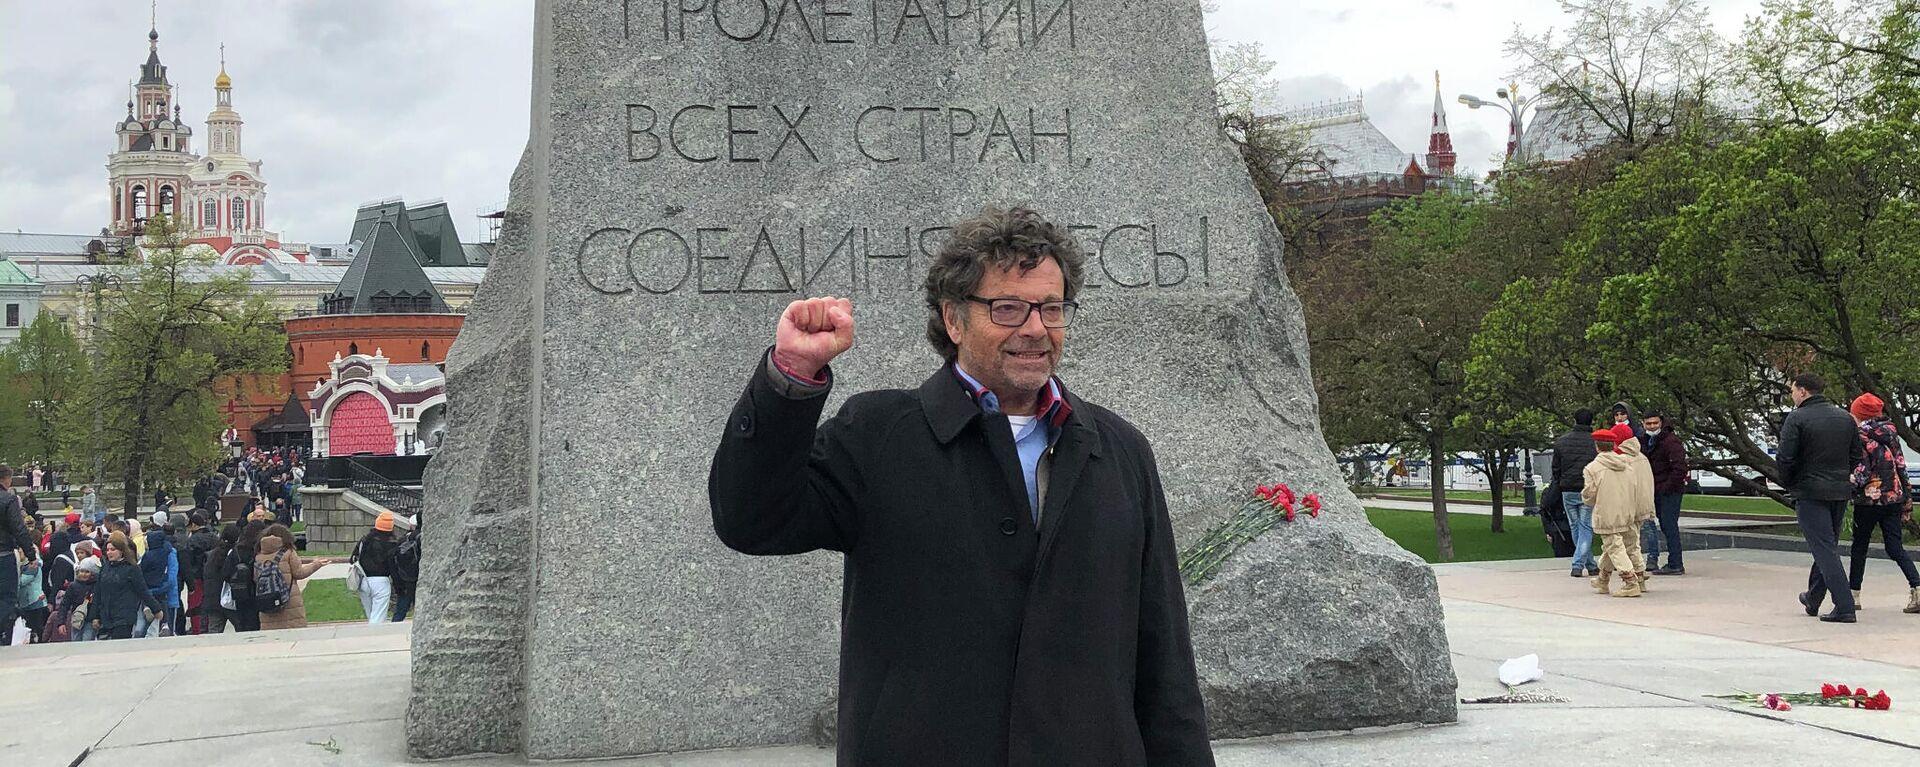 Diether Dehm posiert vor dem Marx-Denkmal in Moskau, 9. Mai 2021 - SNA, 1920, 09.05.2021